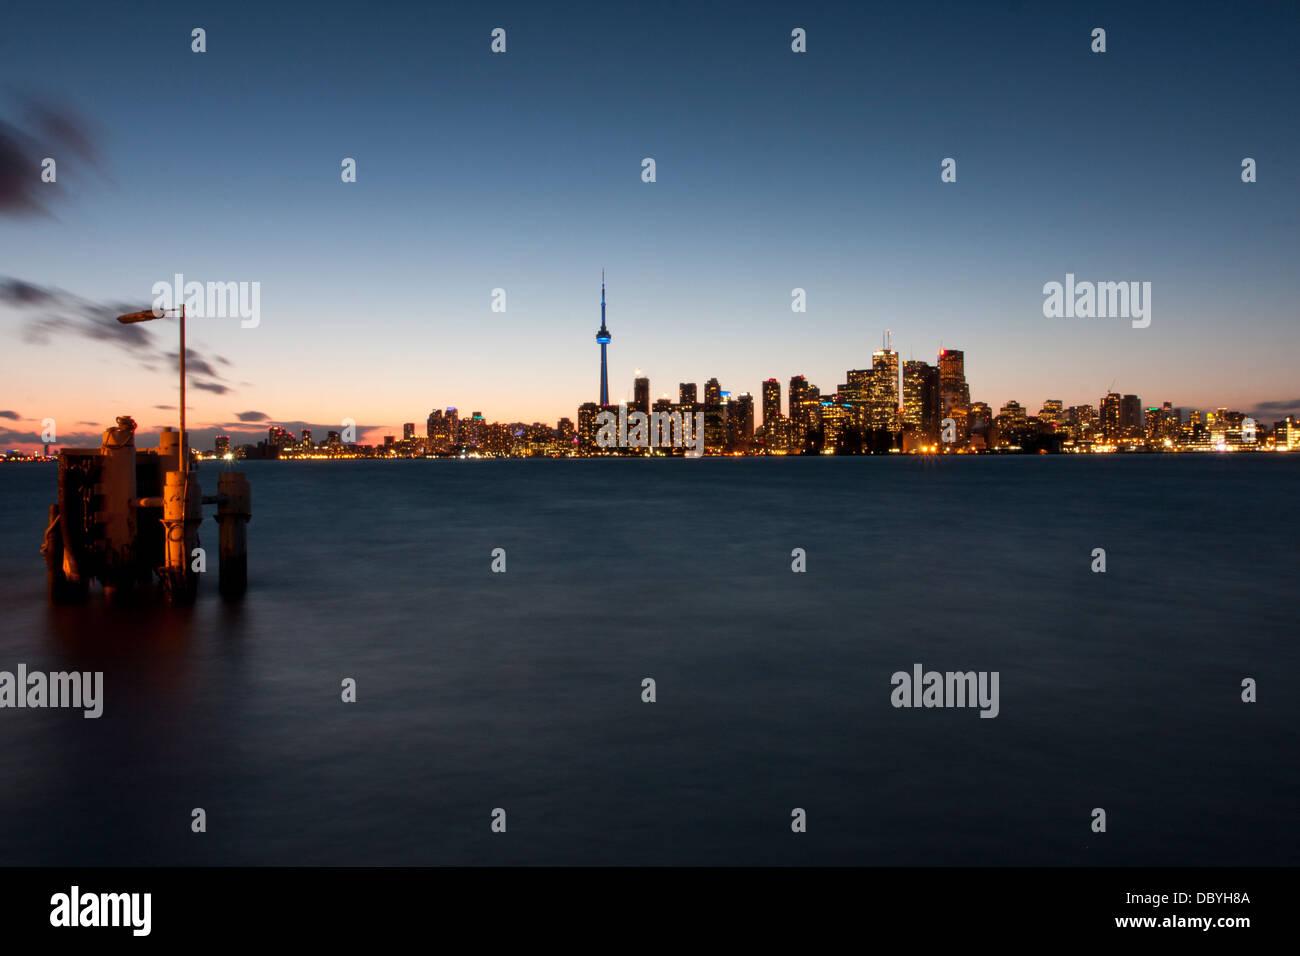 Toronto skyline notturno come visto da Ward Island Ferry Dock. Immagini Stock